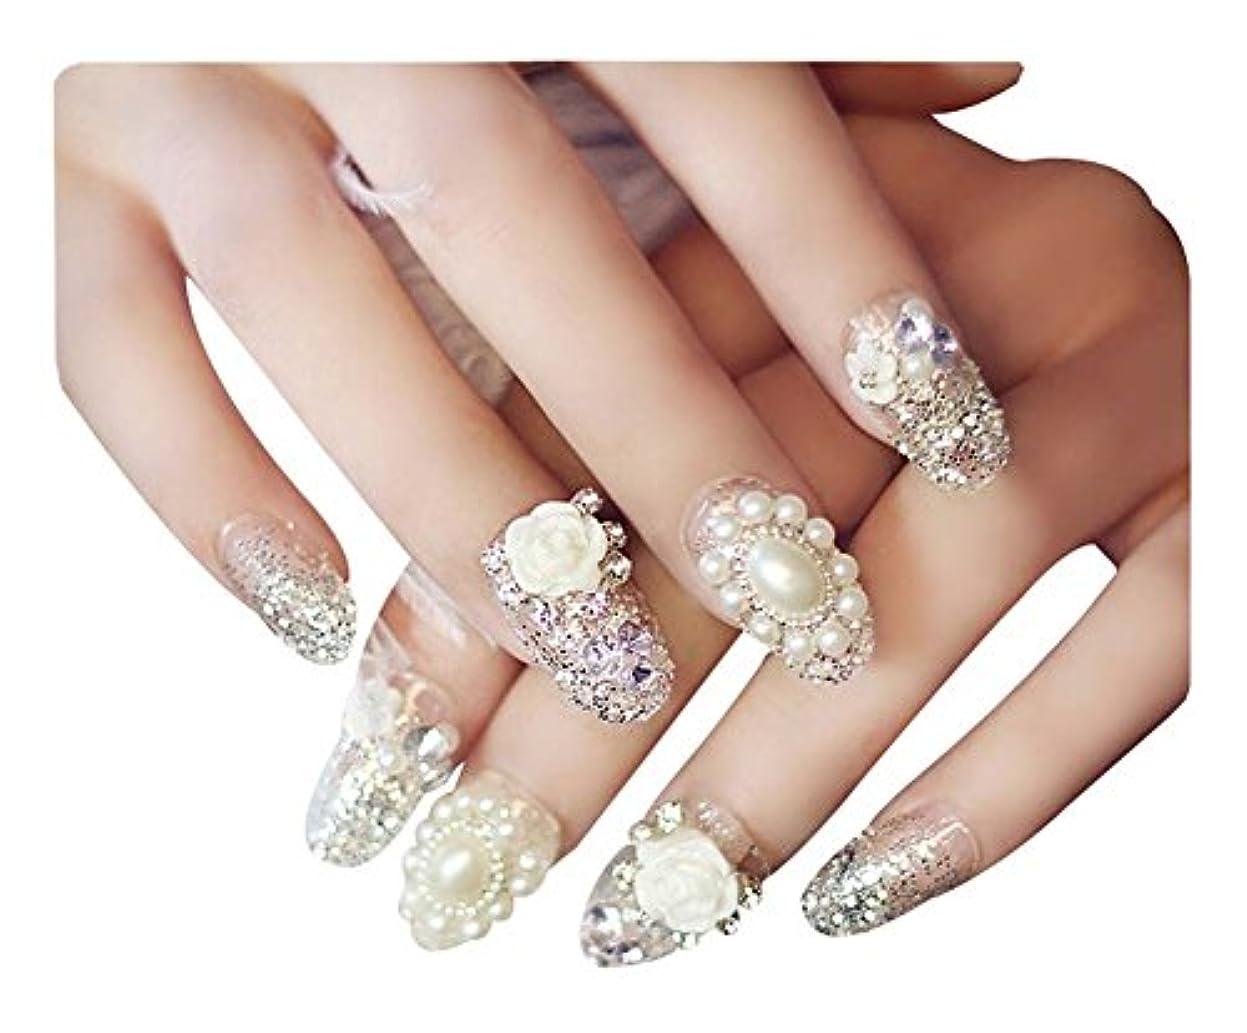 名目上のパン屋エスカレート人工真珠のラインストーンの偽の釘の結婚式の構造のネイルアート、ピンク、2パック - 48枚